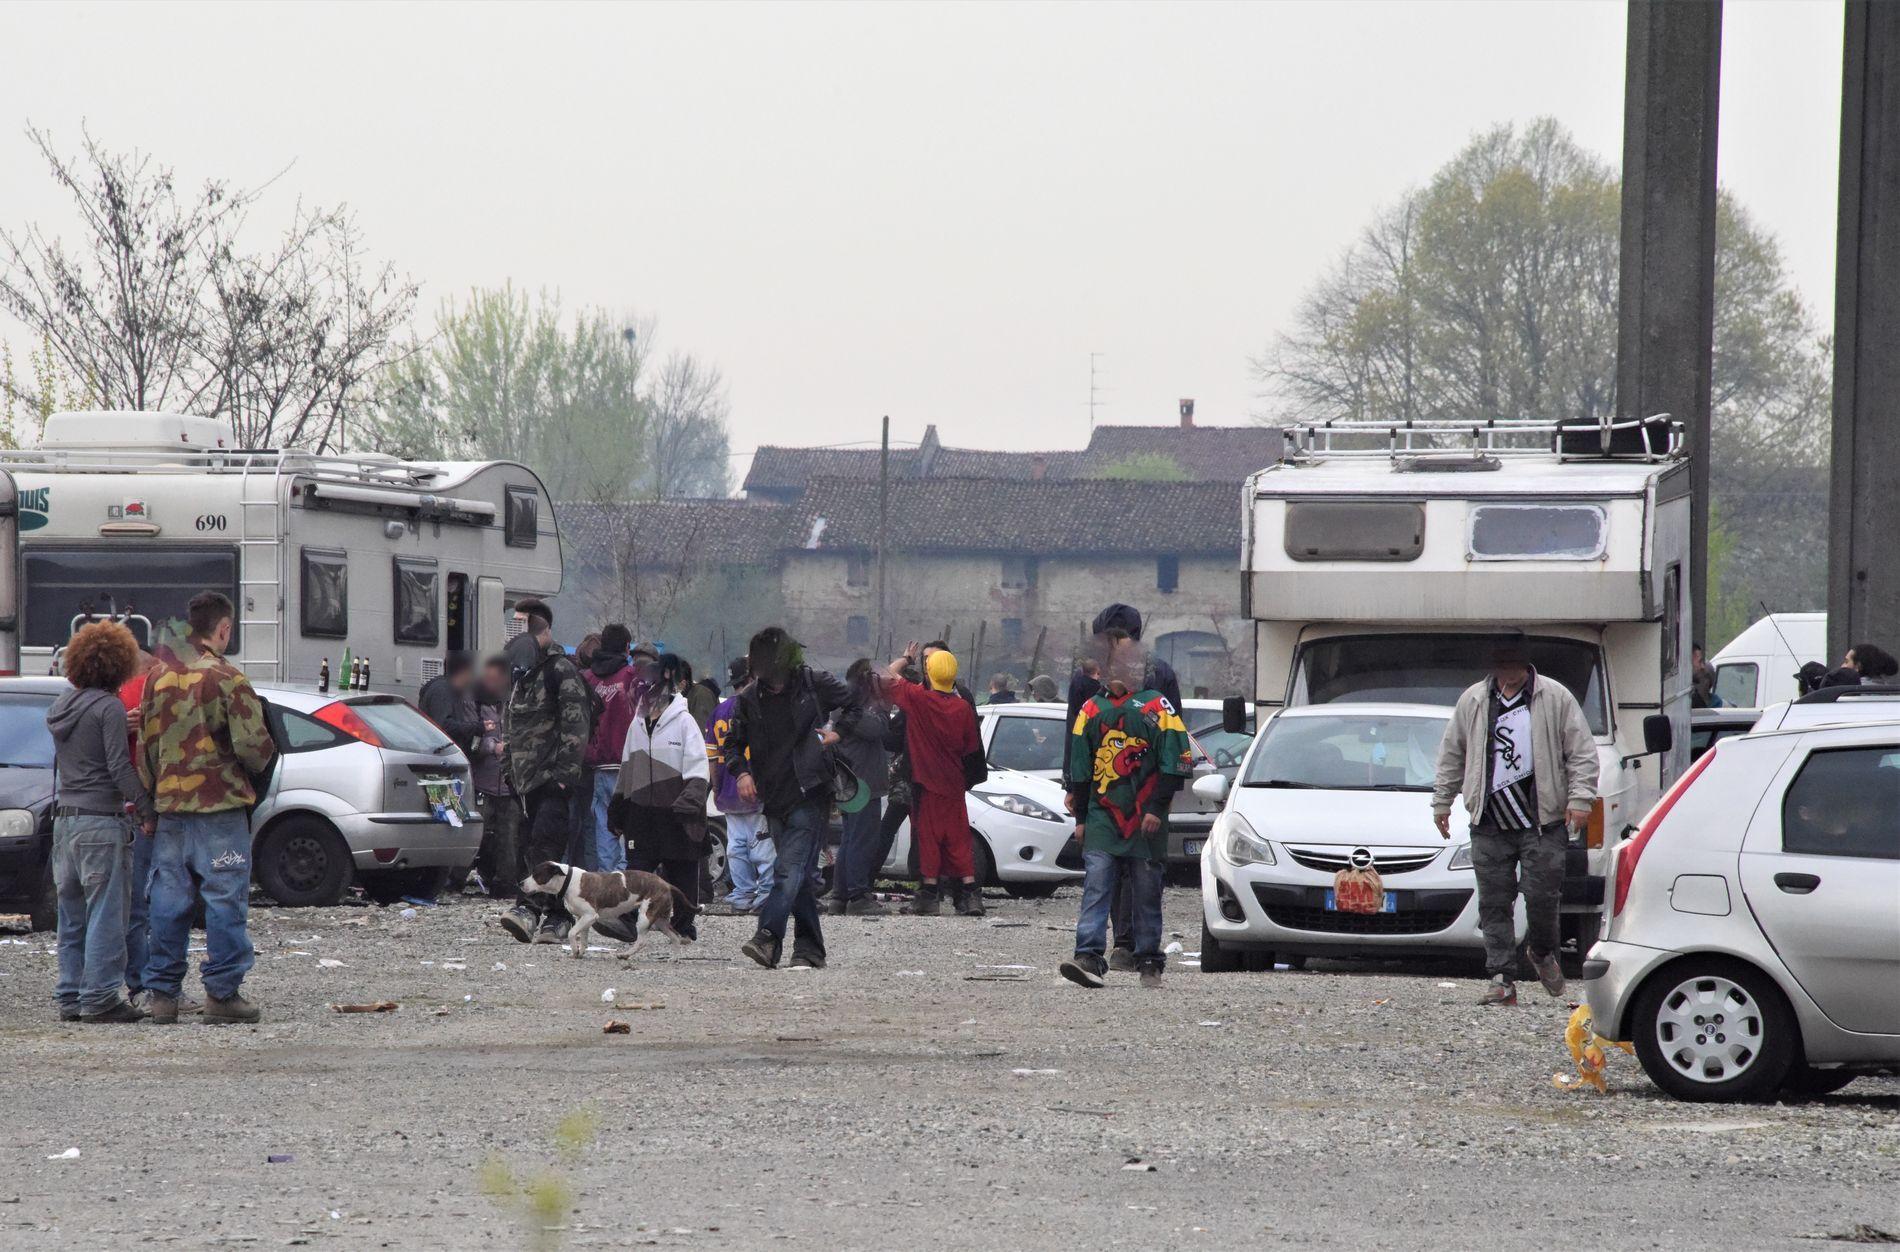 Rave party in una fabbrica abbandonata a Monticelli: 13 persone denunciate dai carabinieri